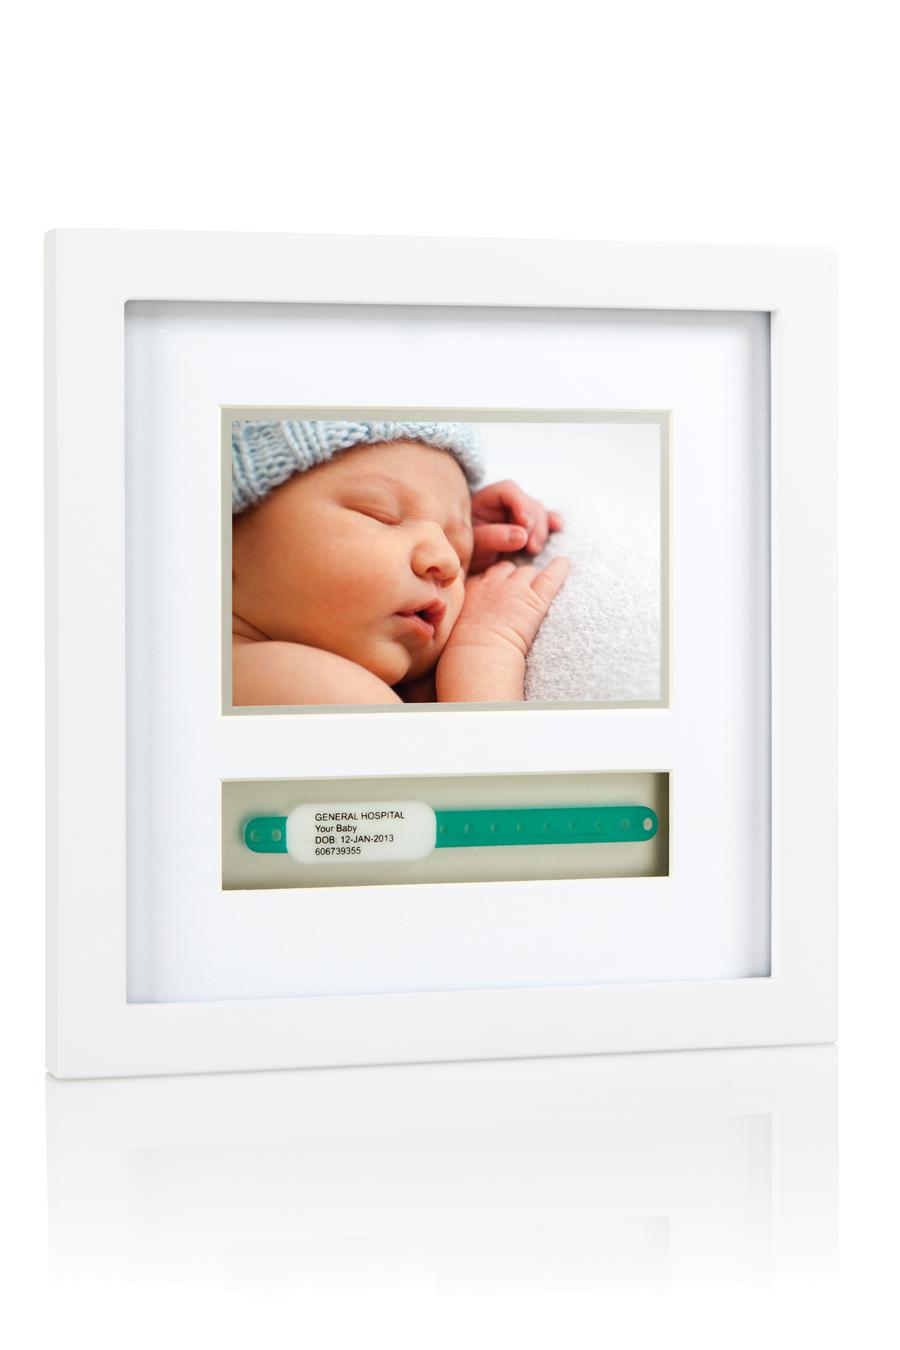 Bilderrahmen für Neugeborenen Namensband   Foto - Idee   Pinterest ...